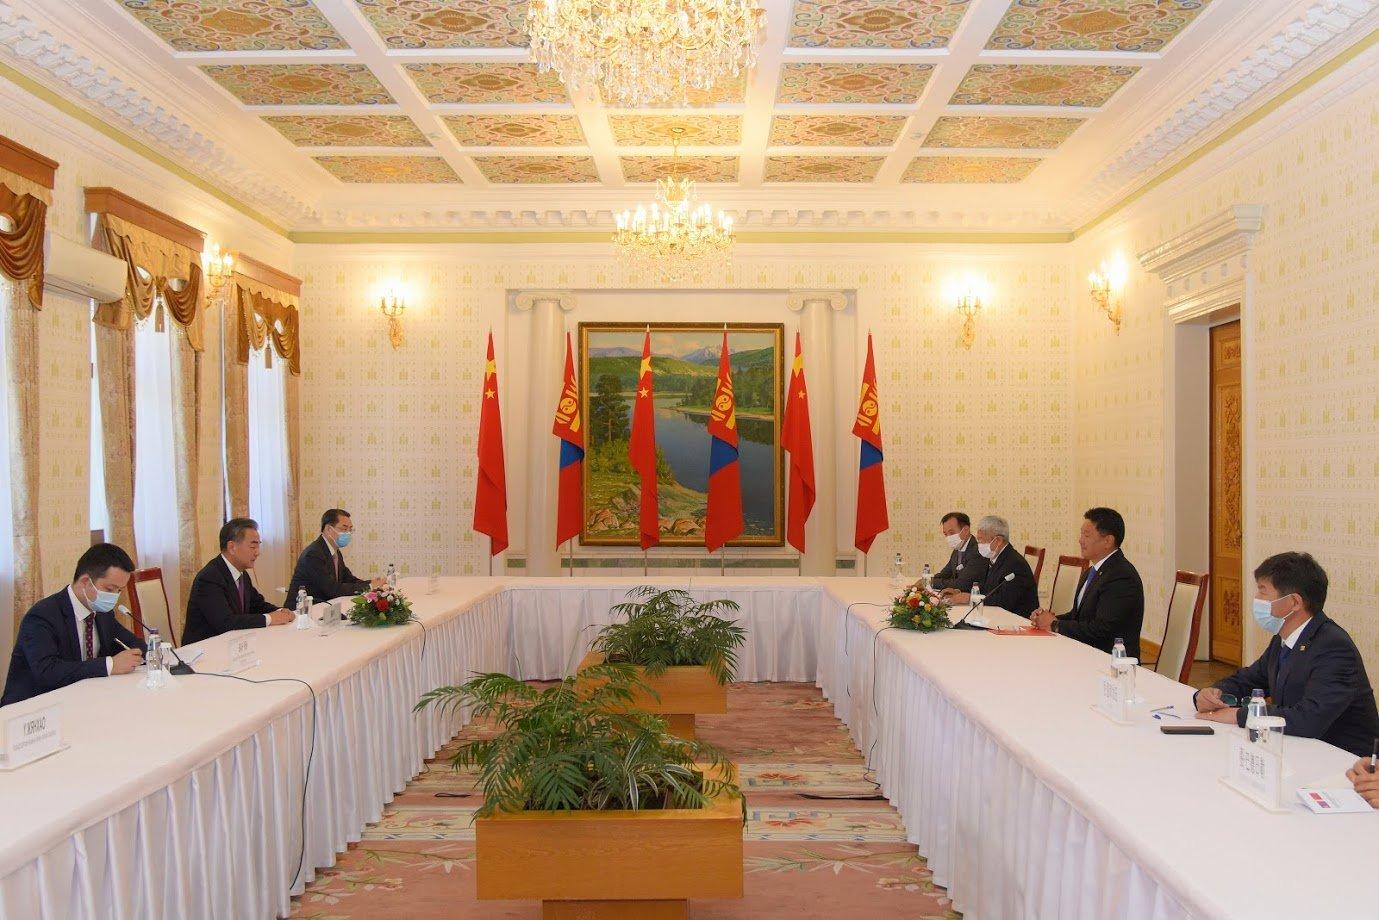 Монгол Улсын Ерөнхий сайд У.Хүрэлсүхэд БНХАУ-ын Төрийн зөвлөлийн гишүүн бөгөөд Гадаад хэргийн сайд Ван И бараалхав